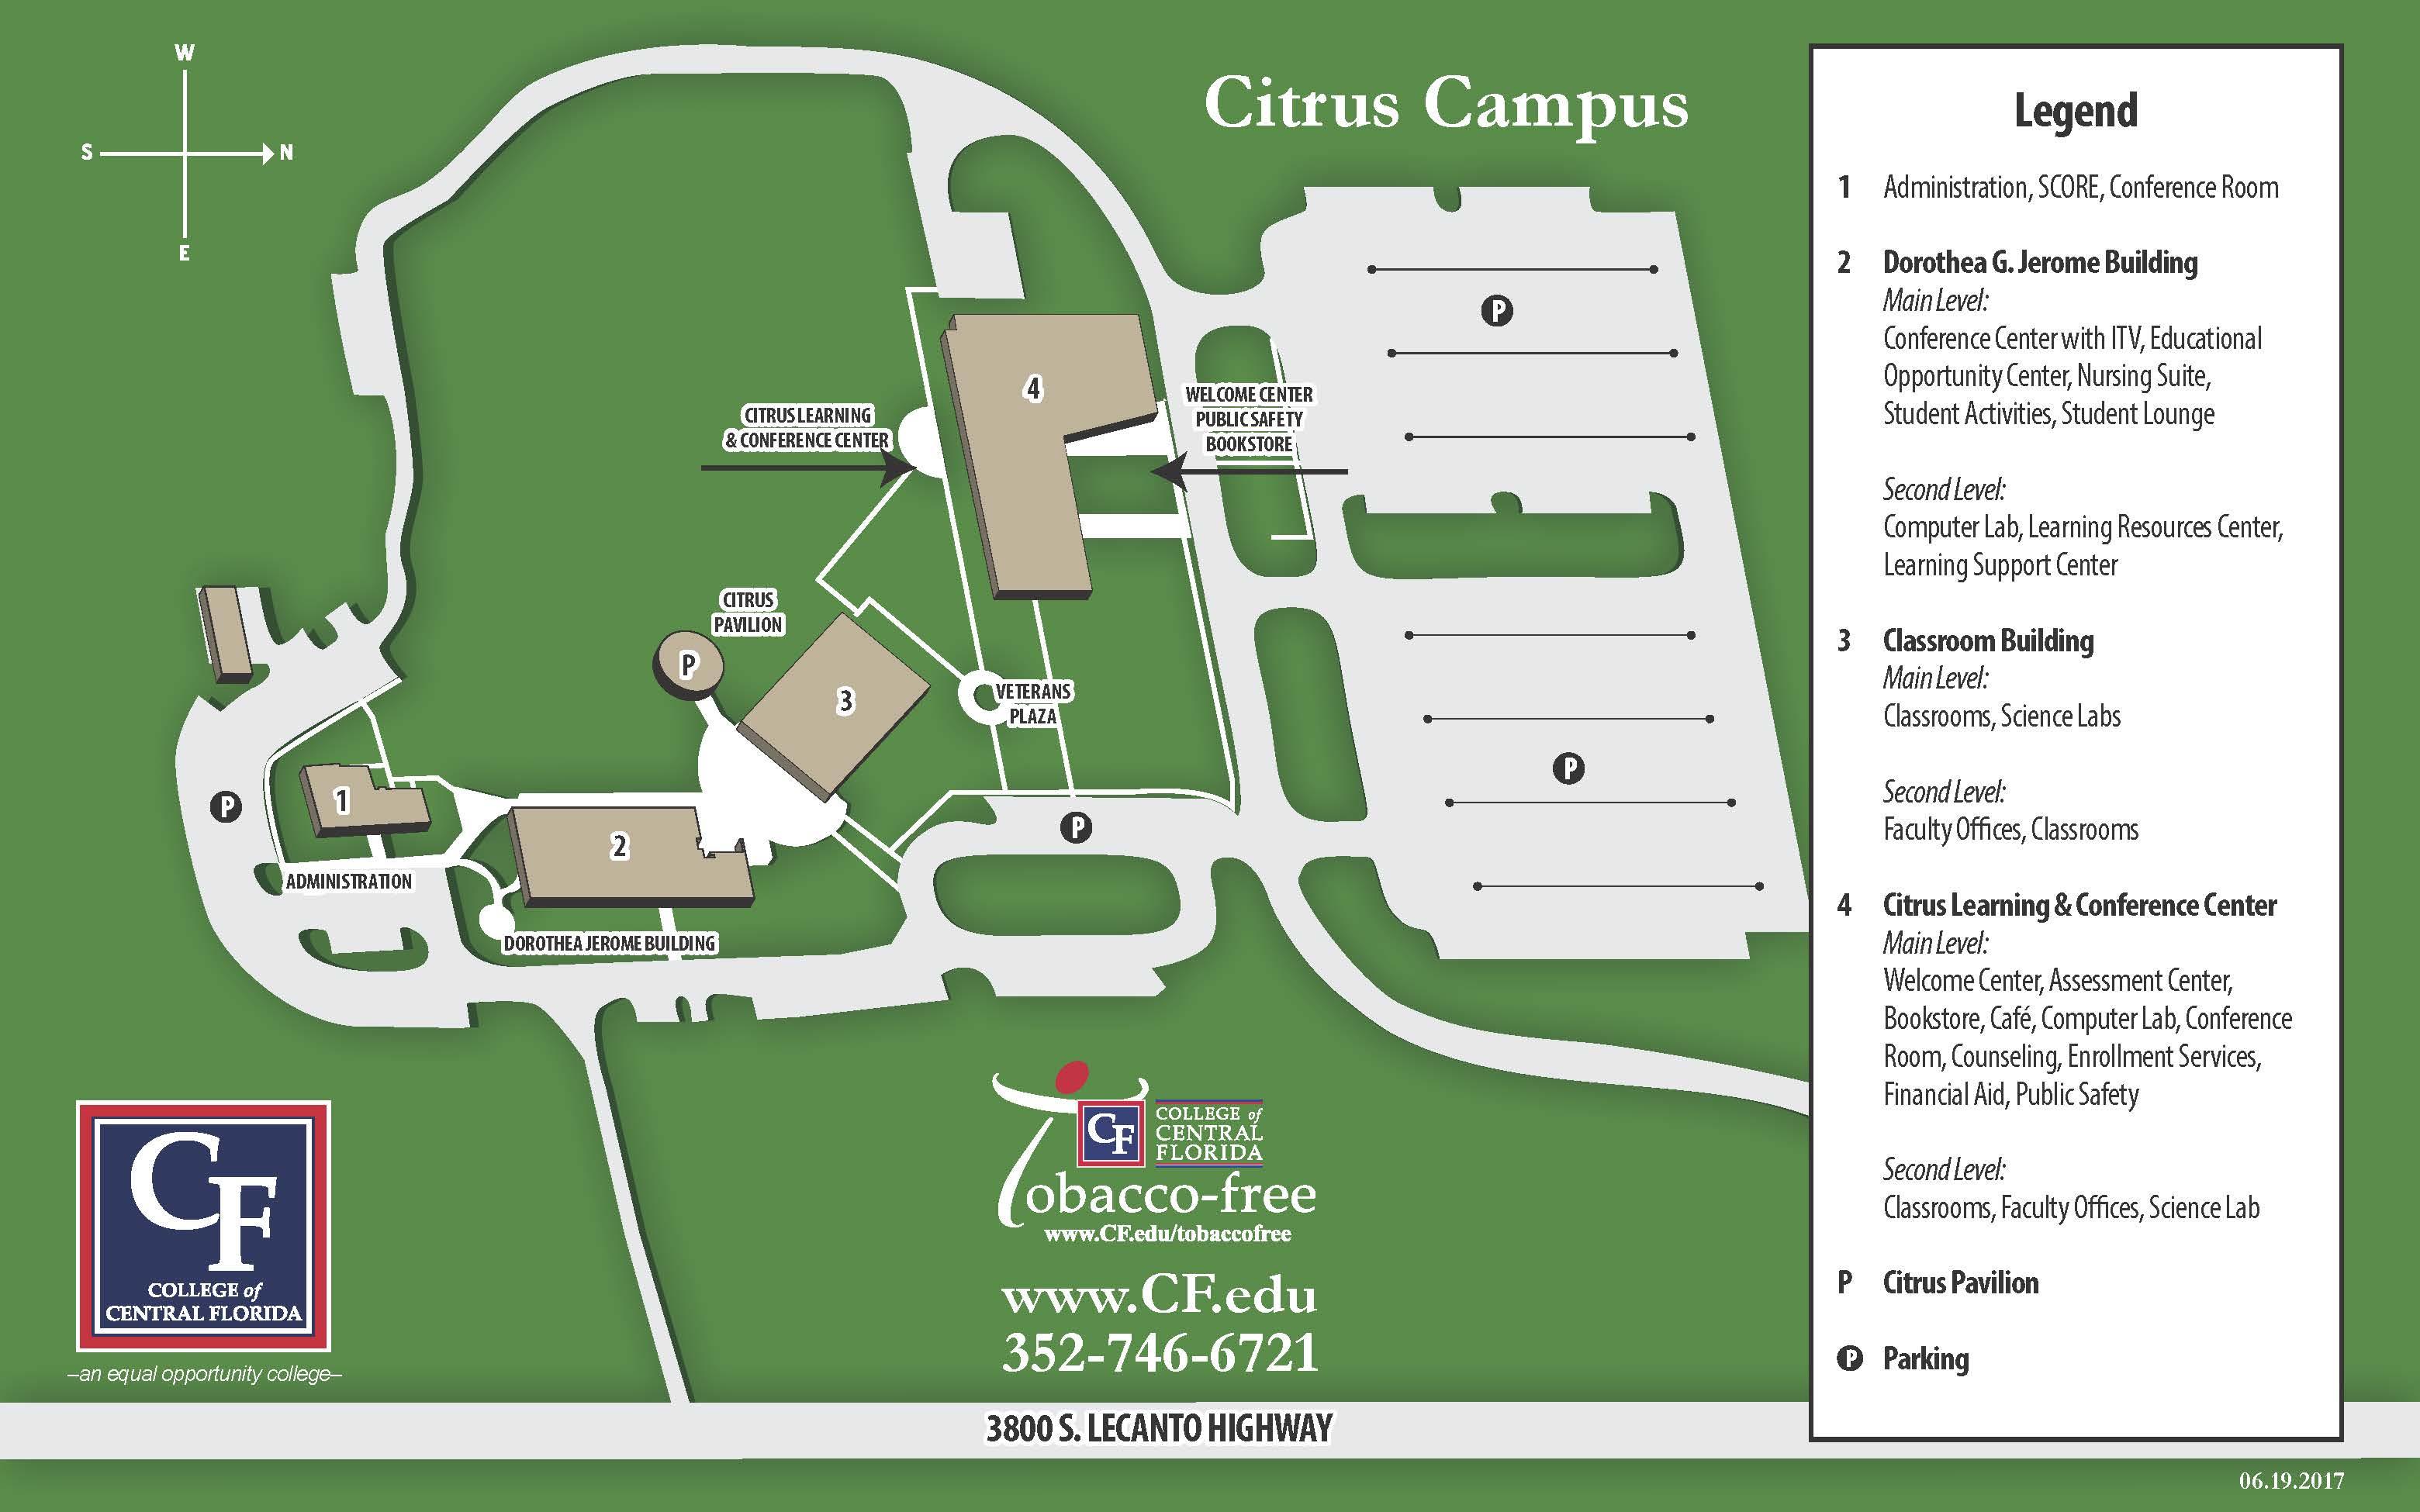 Citrus Campus Map